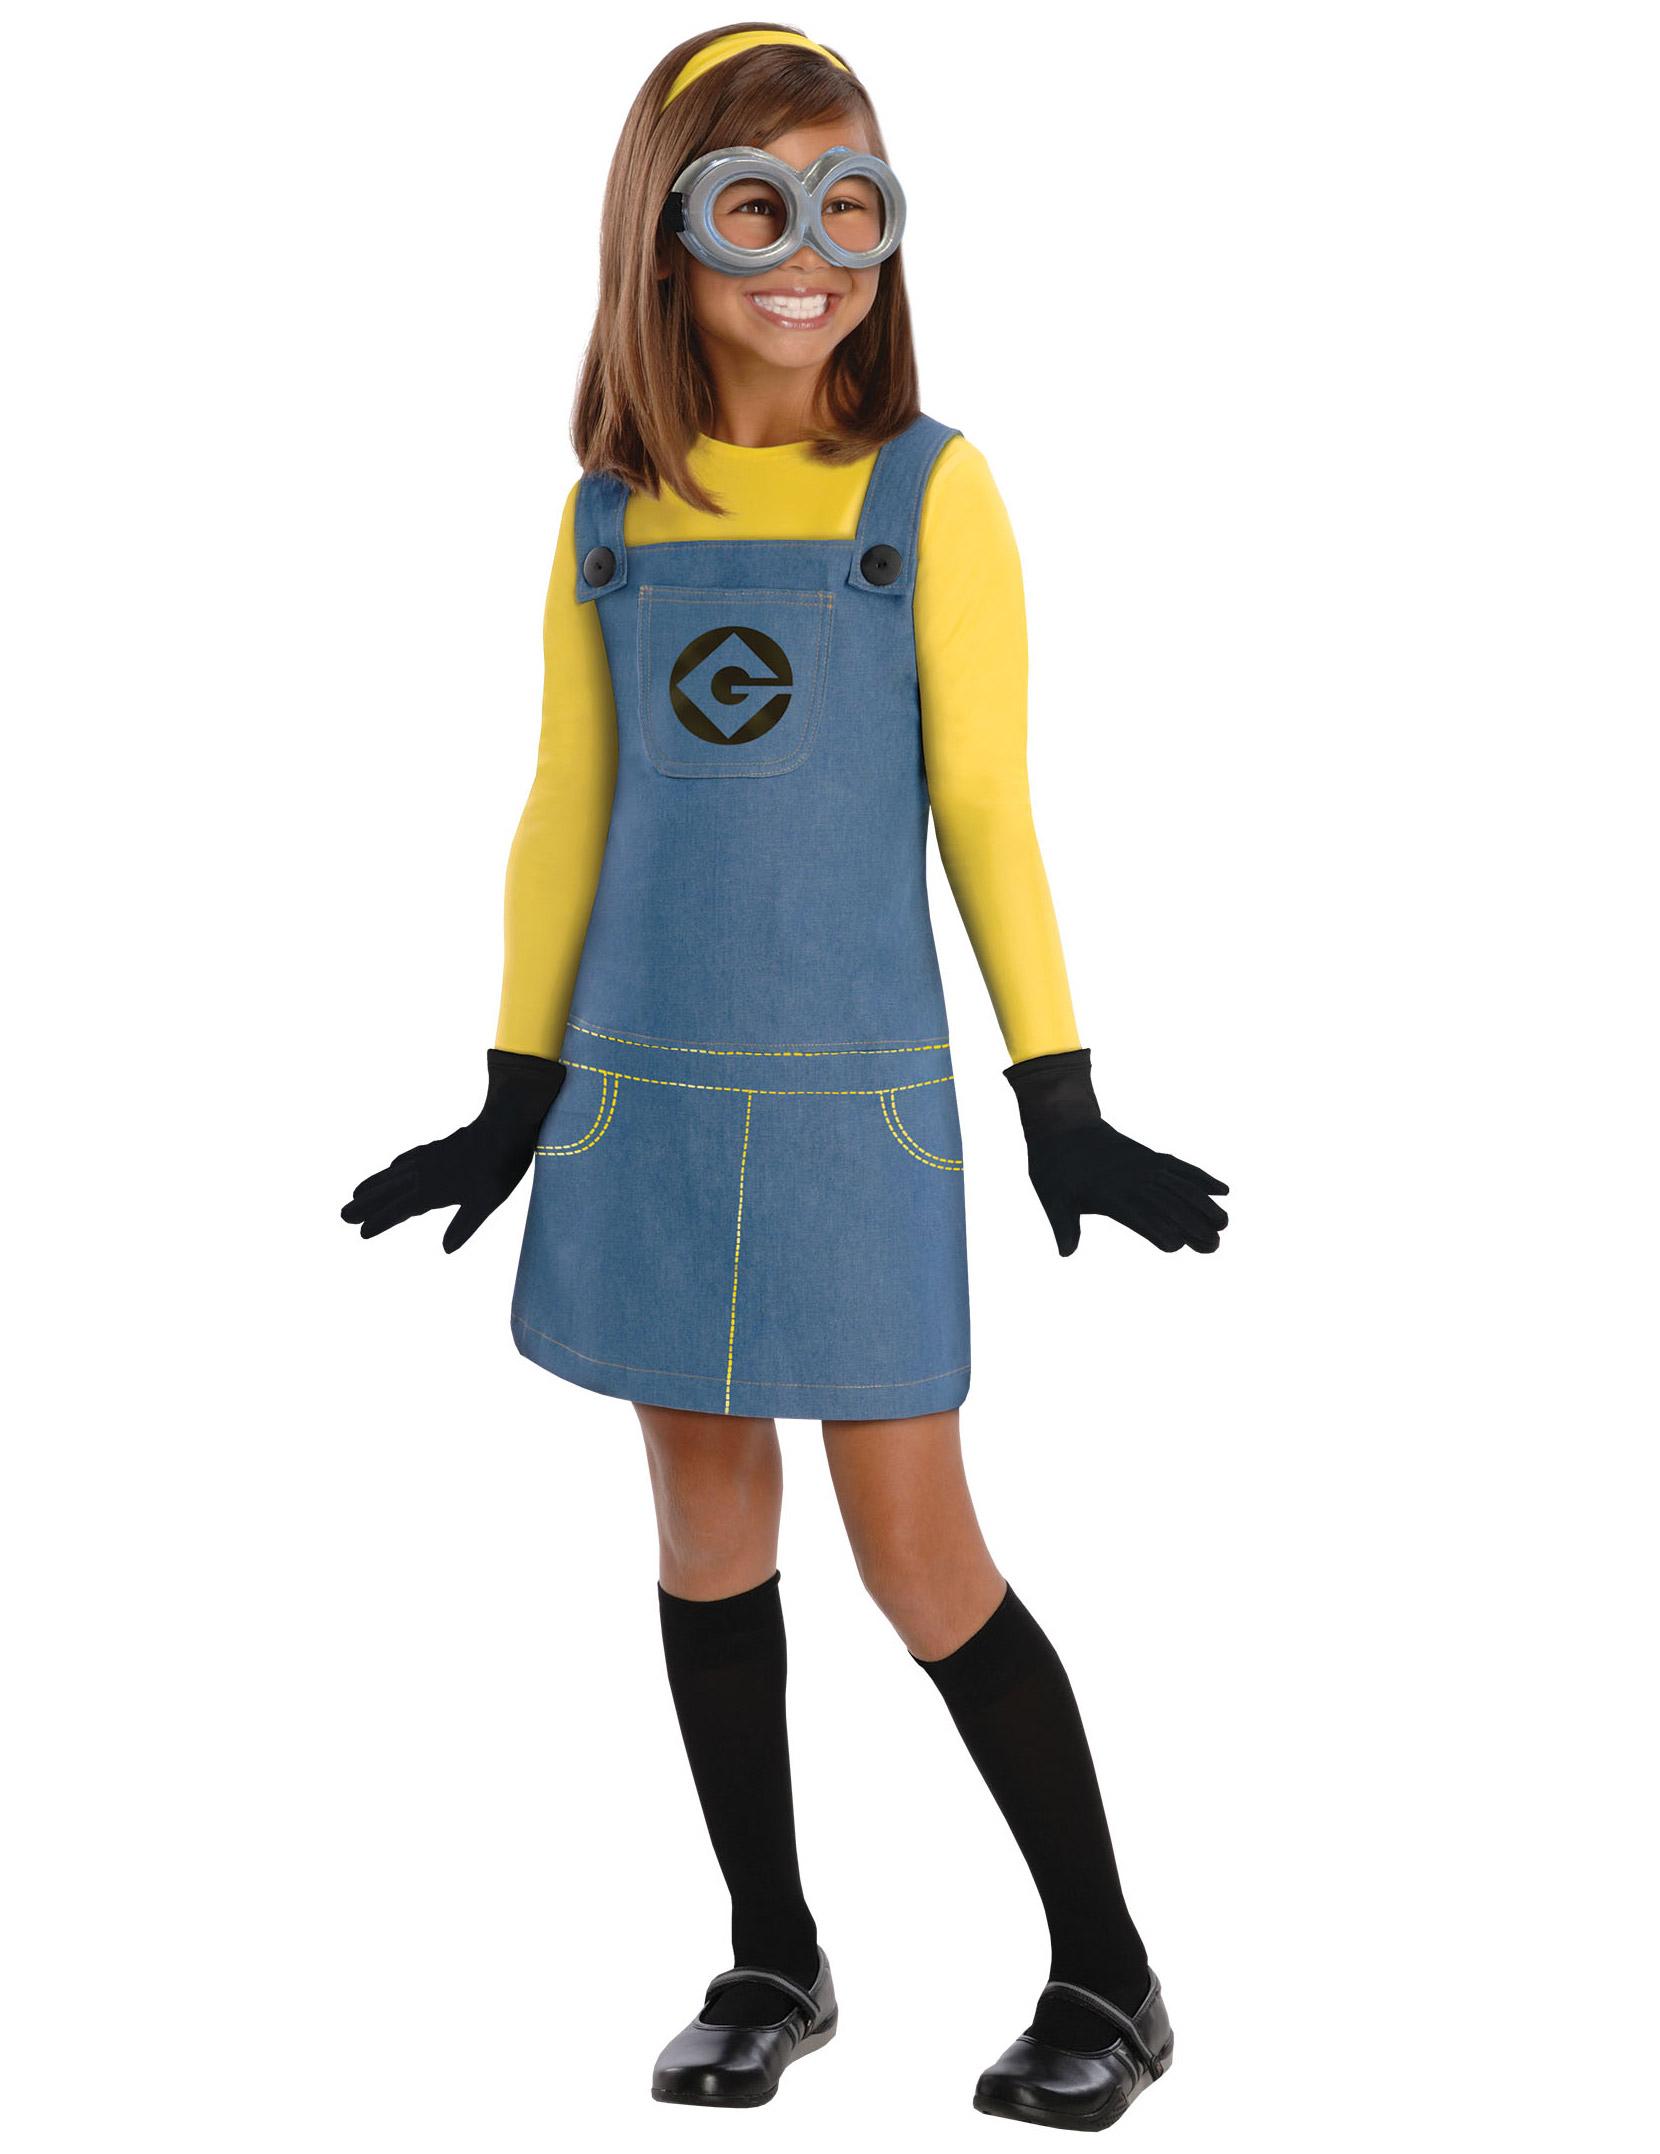 Conosciuto Costume Minions™ Bambina: Costumi bambini,e vestiti di carnevale  IP72